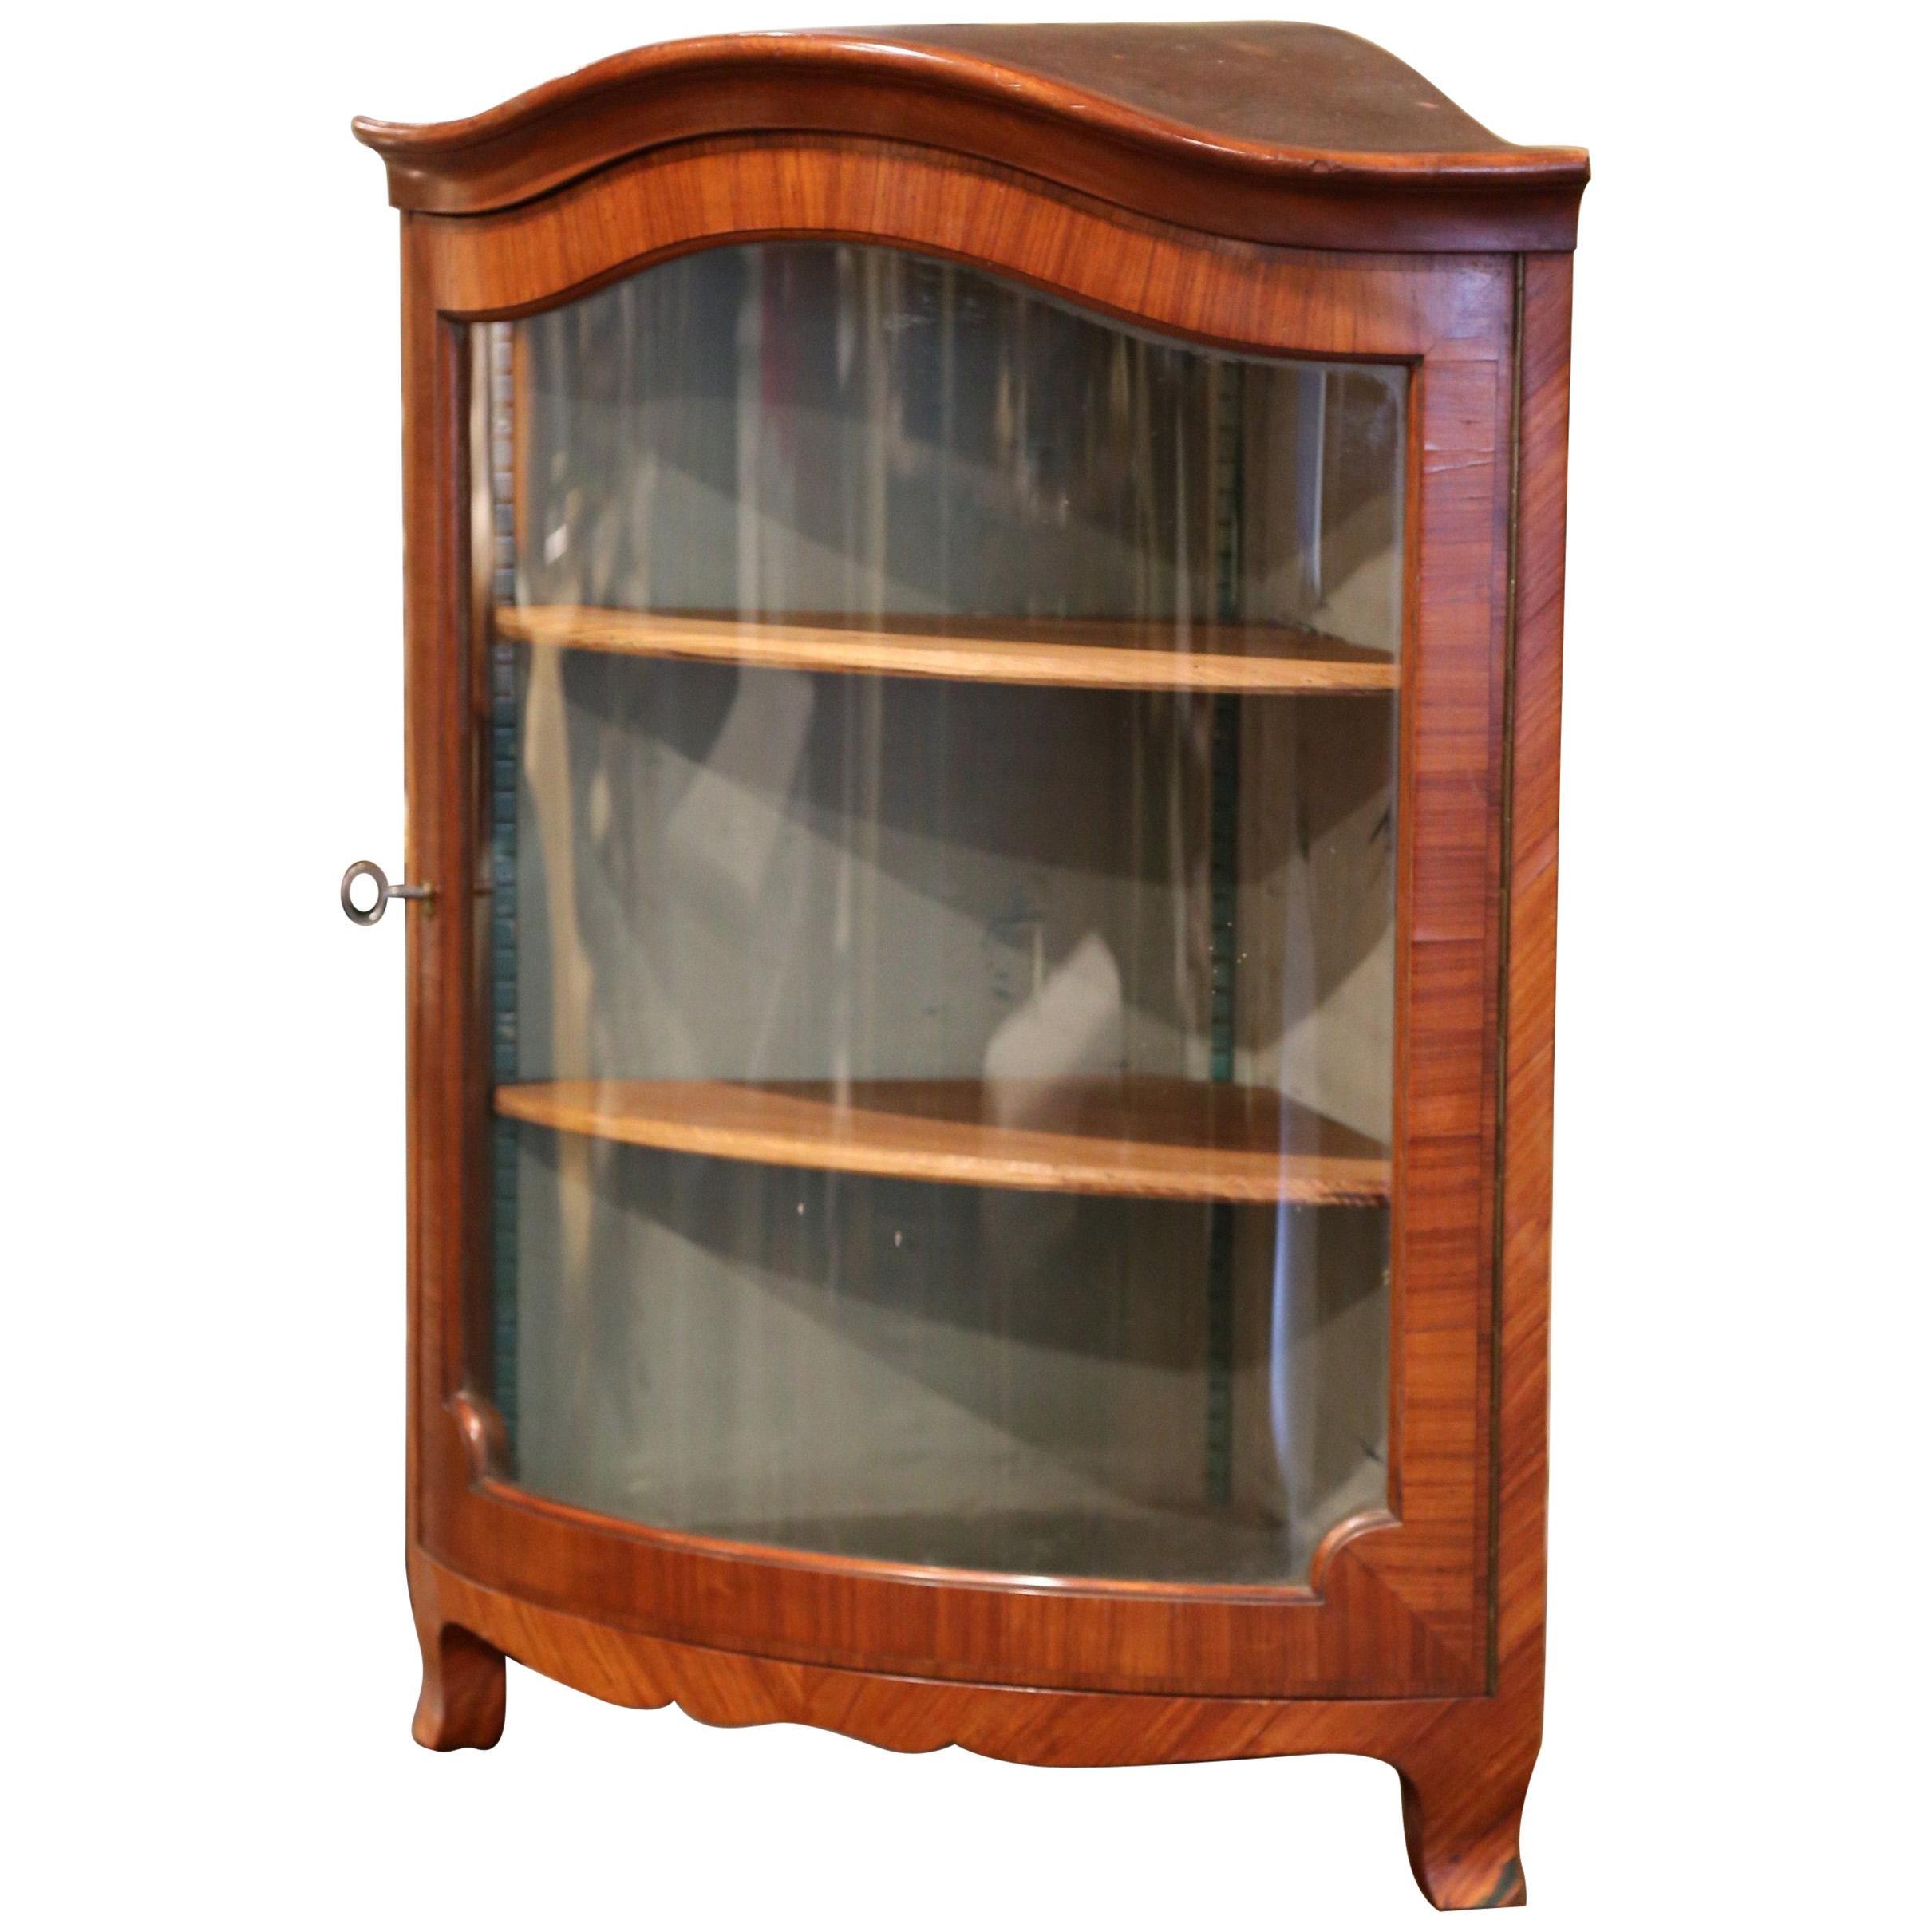 Early 20th Century Louis XV Walnut Veneer Hanging Corner Cabinet with Glass Door